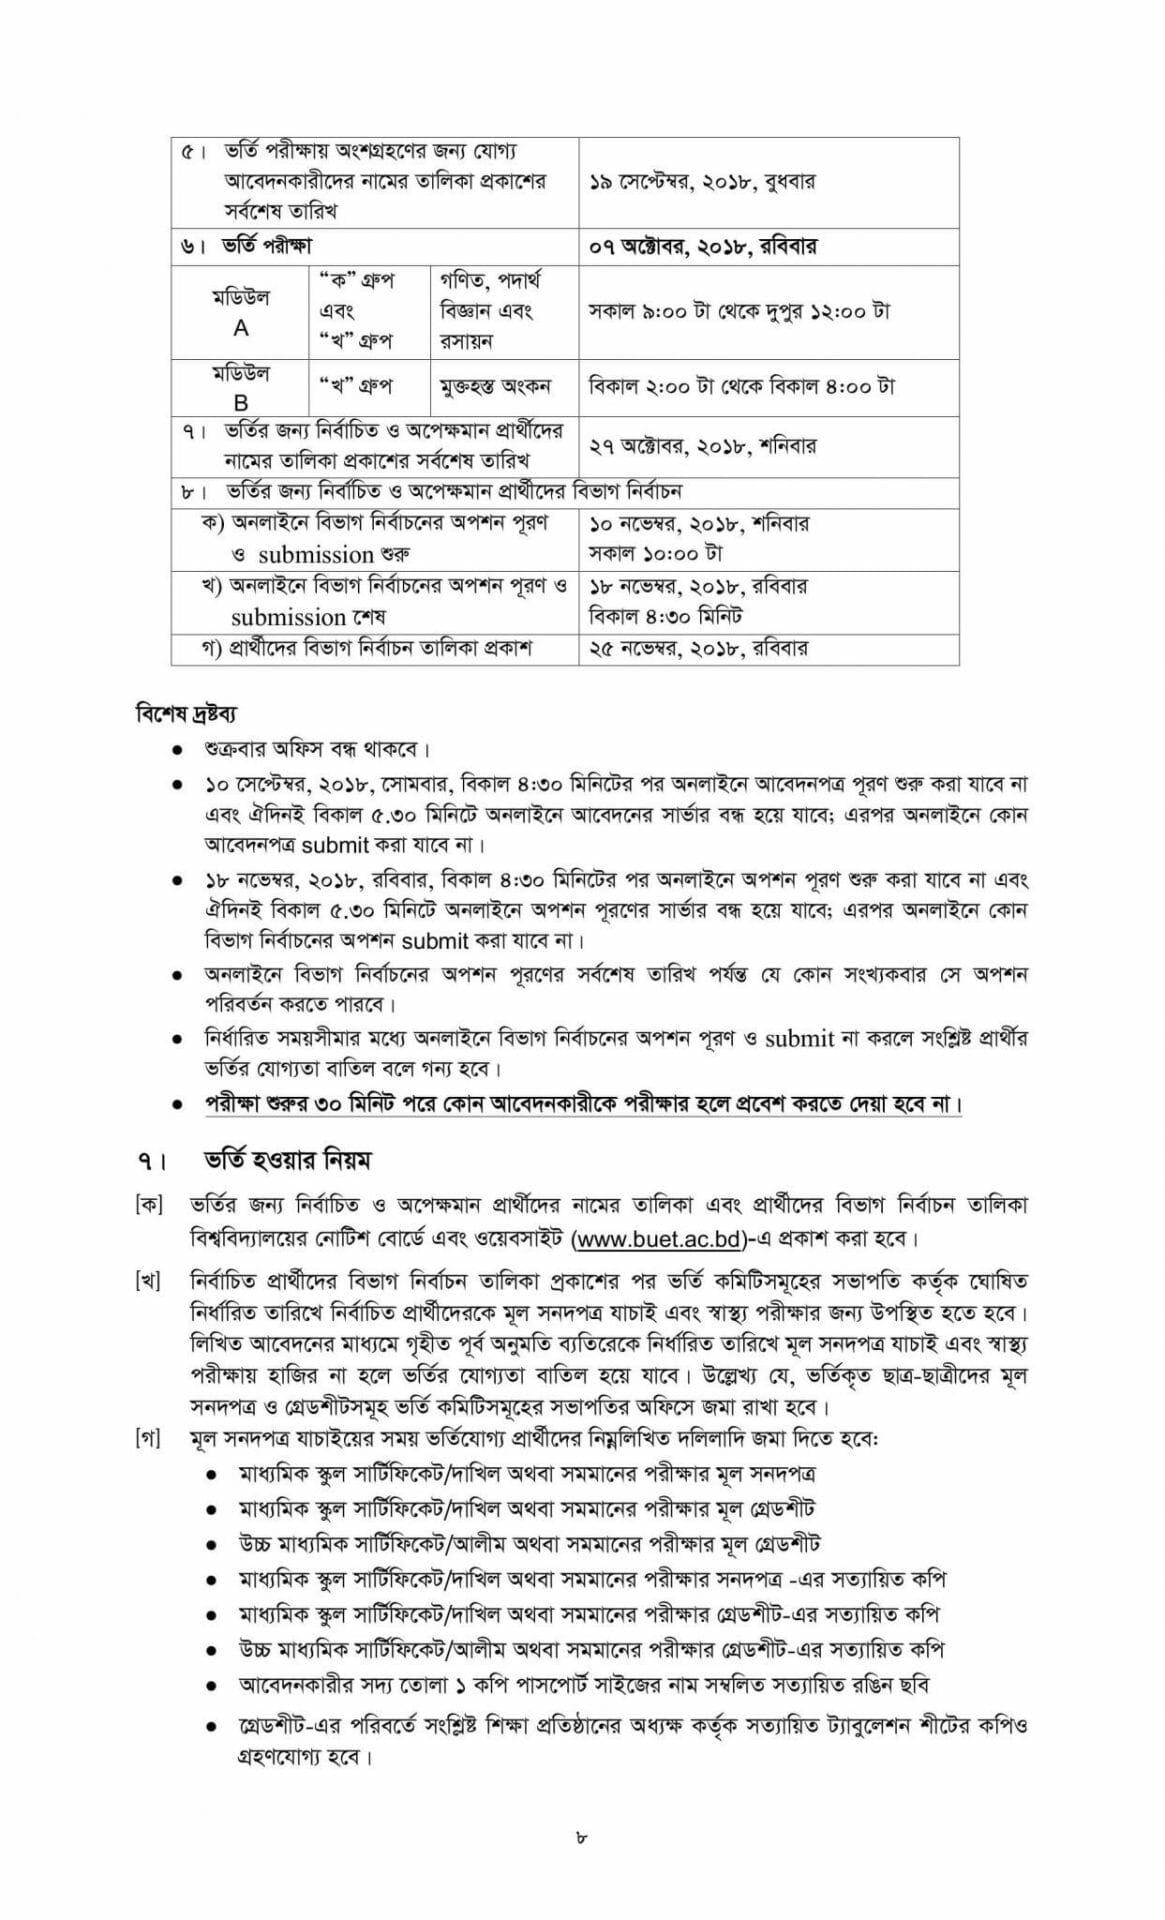 Bangladesh University of Engineering & Technology Admission Guideline-7